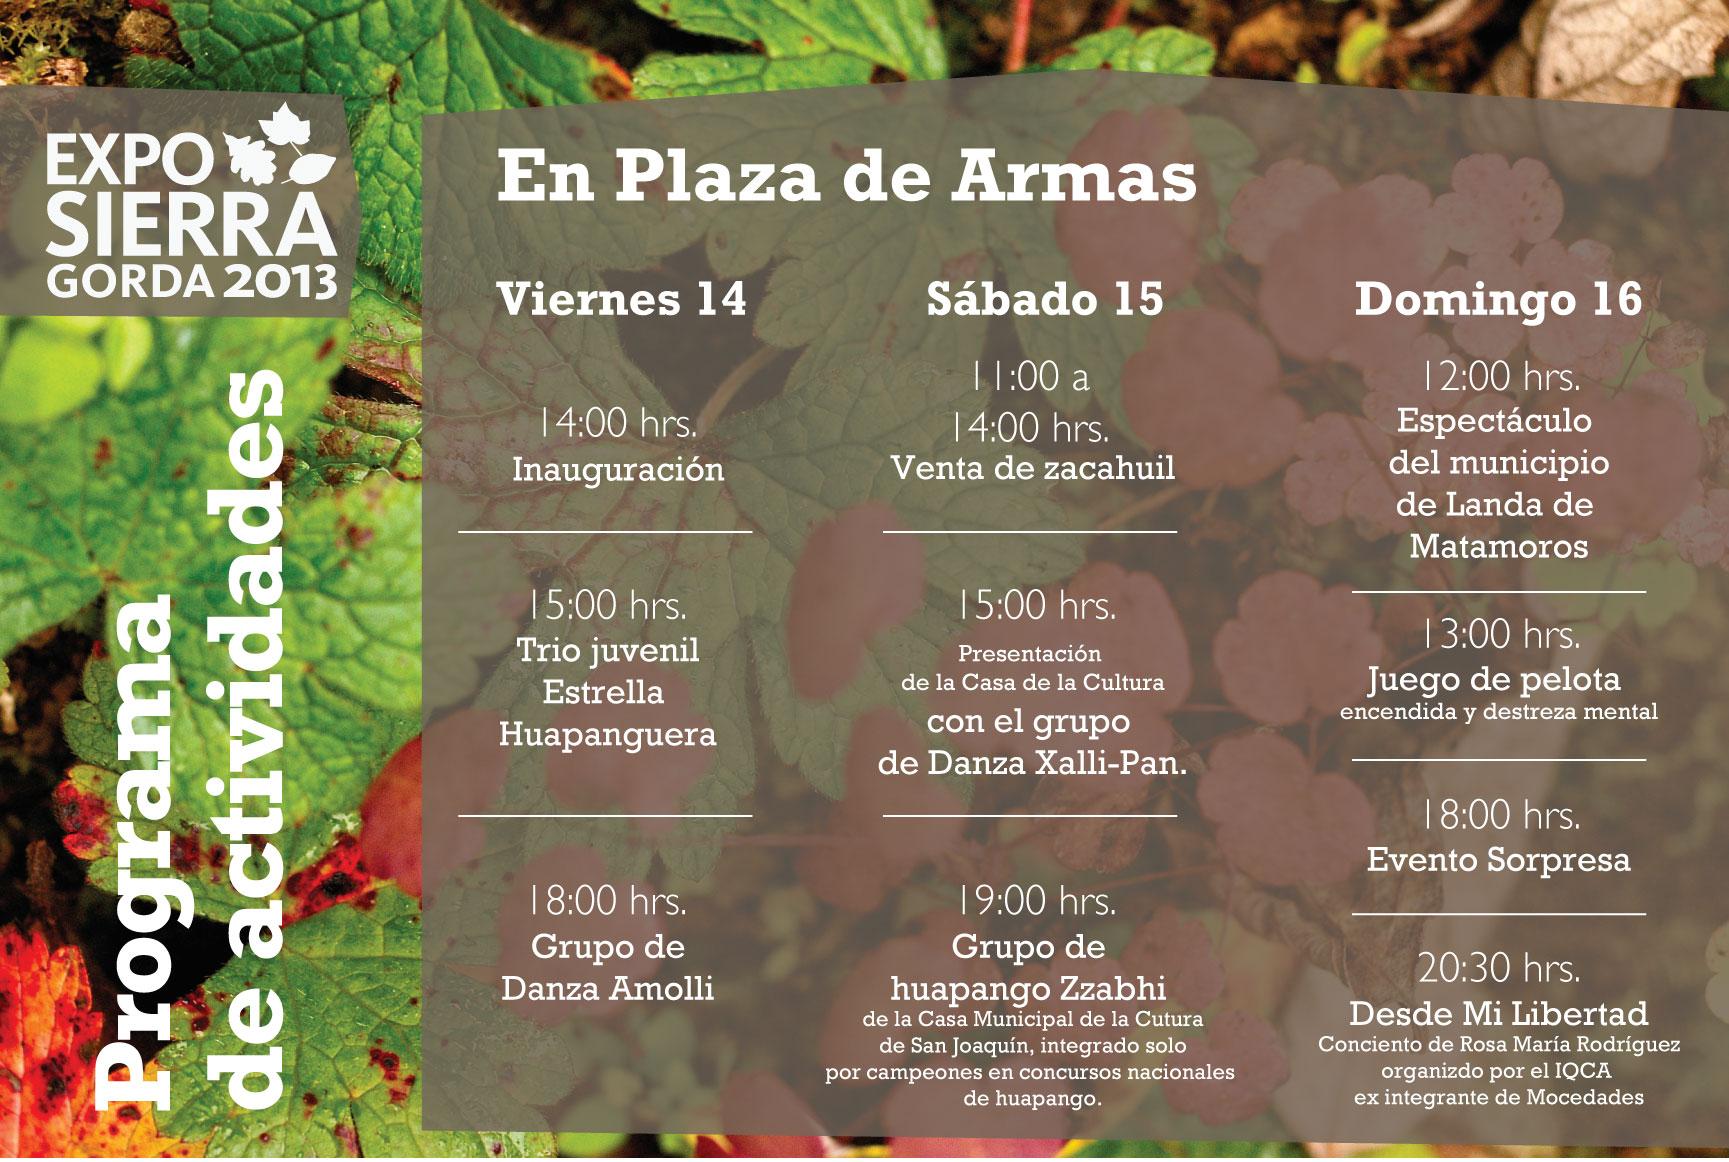 Expo Sierra Gorda 2013 – Programa de Actividades y Trivia